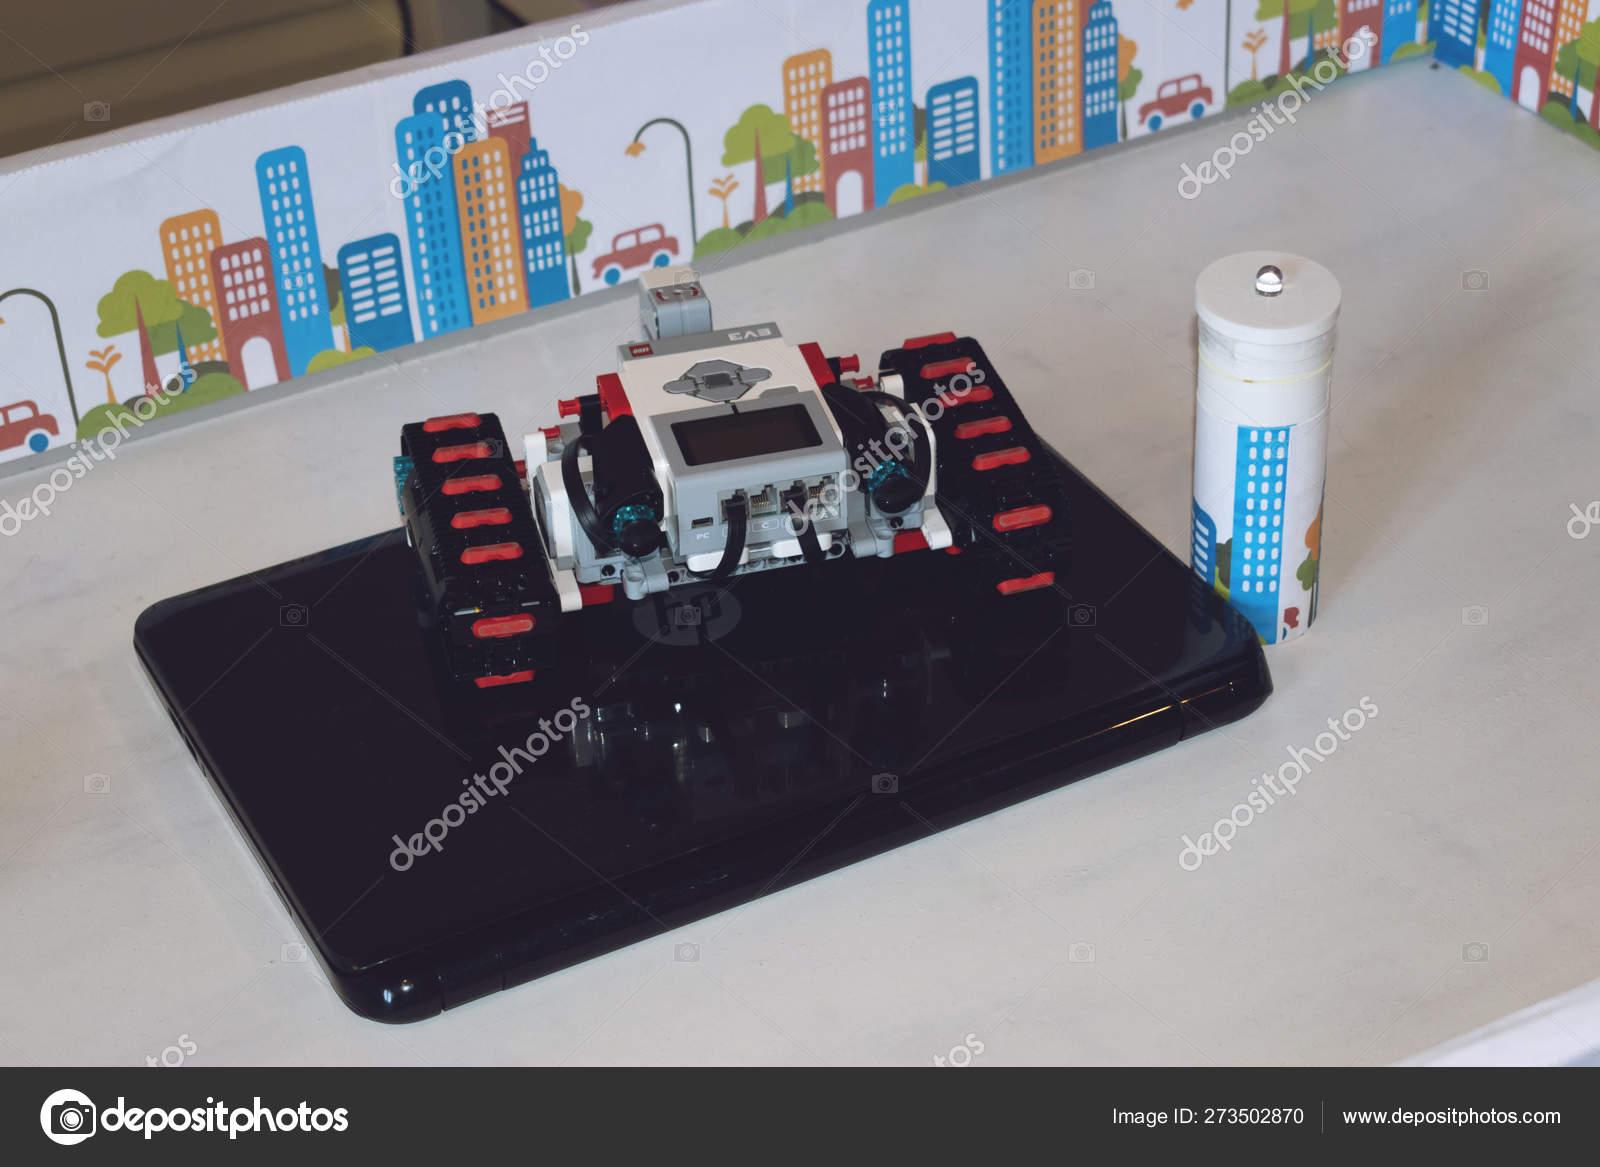 Lego robot Mindstorms E — Stock Photo © Irrmago #273502870